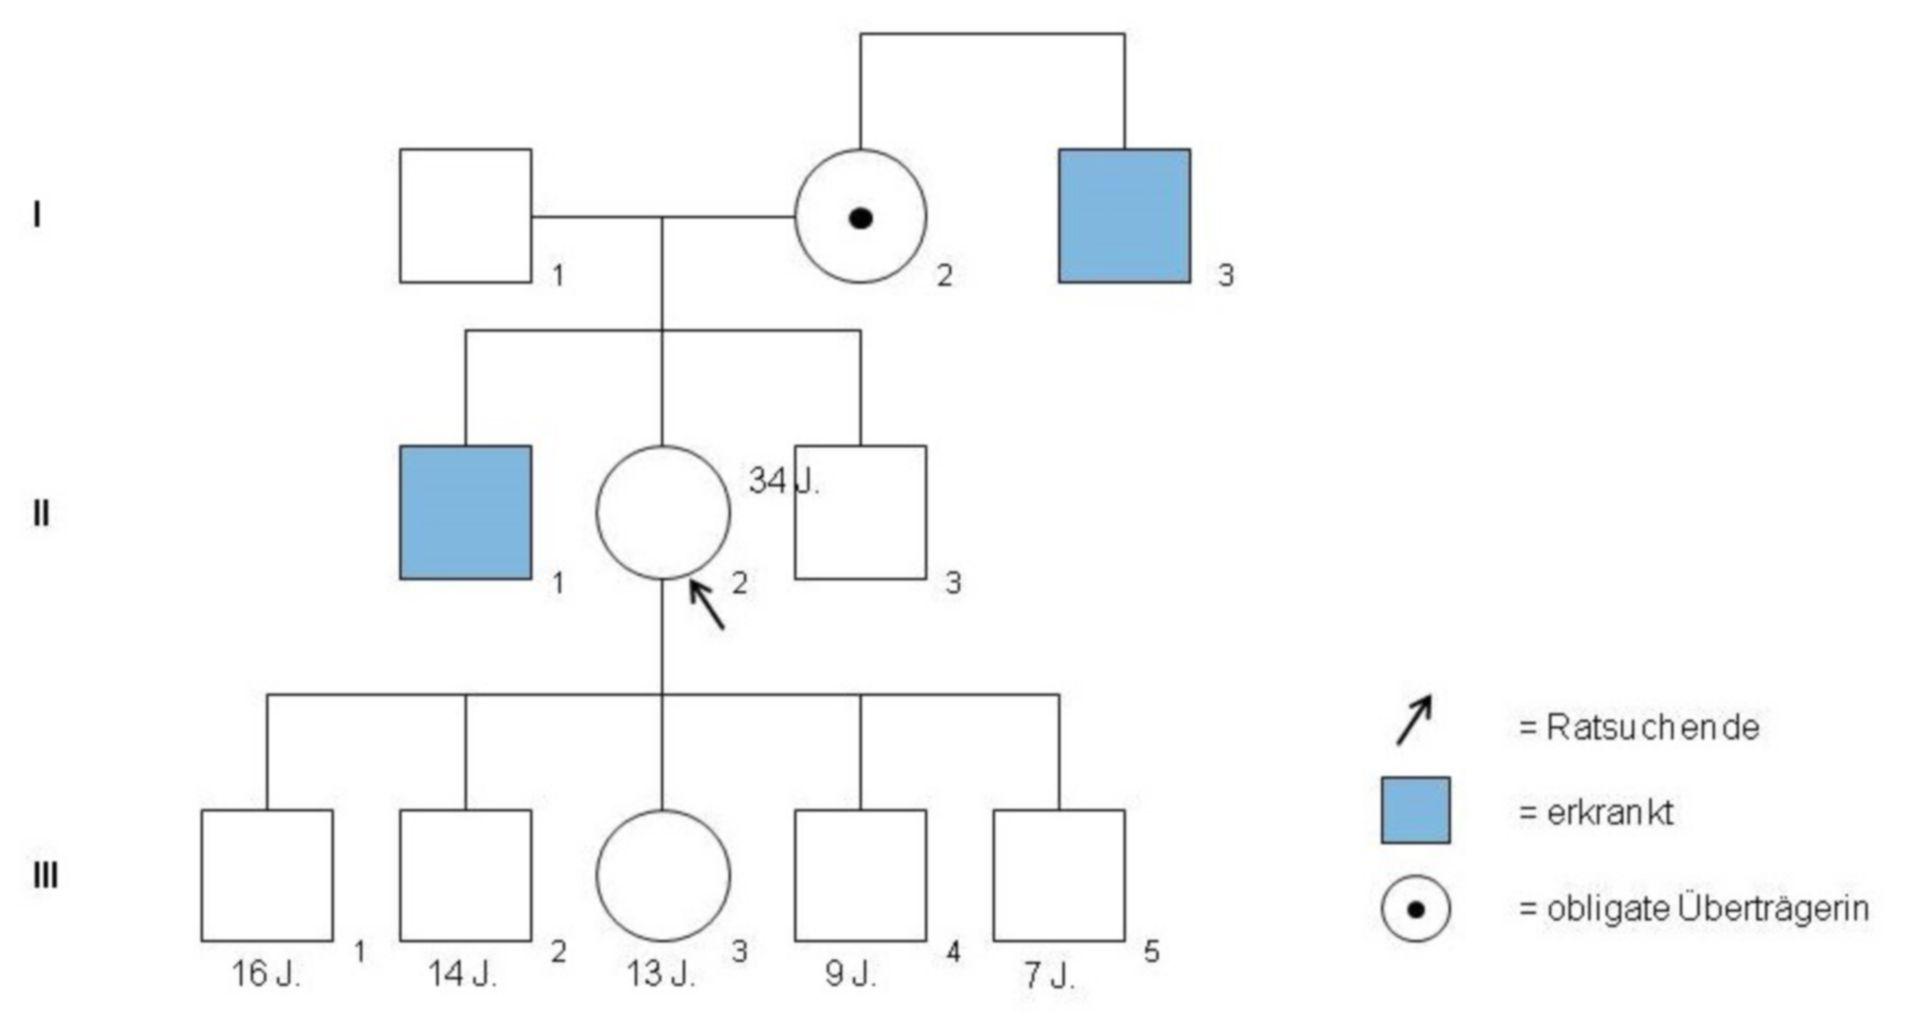 Cálculo de riesgos - ejemplo 2